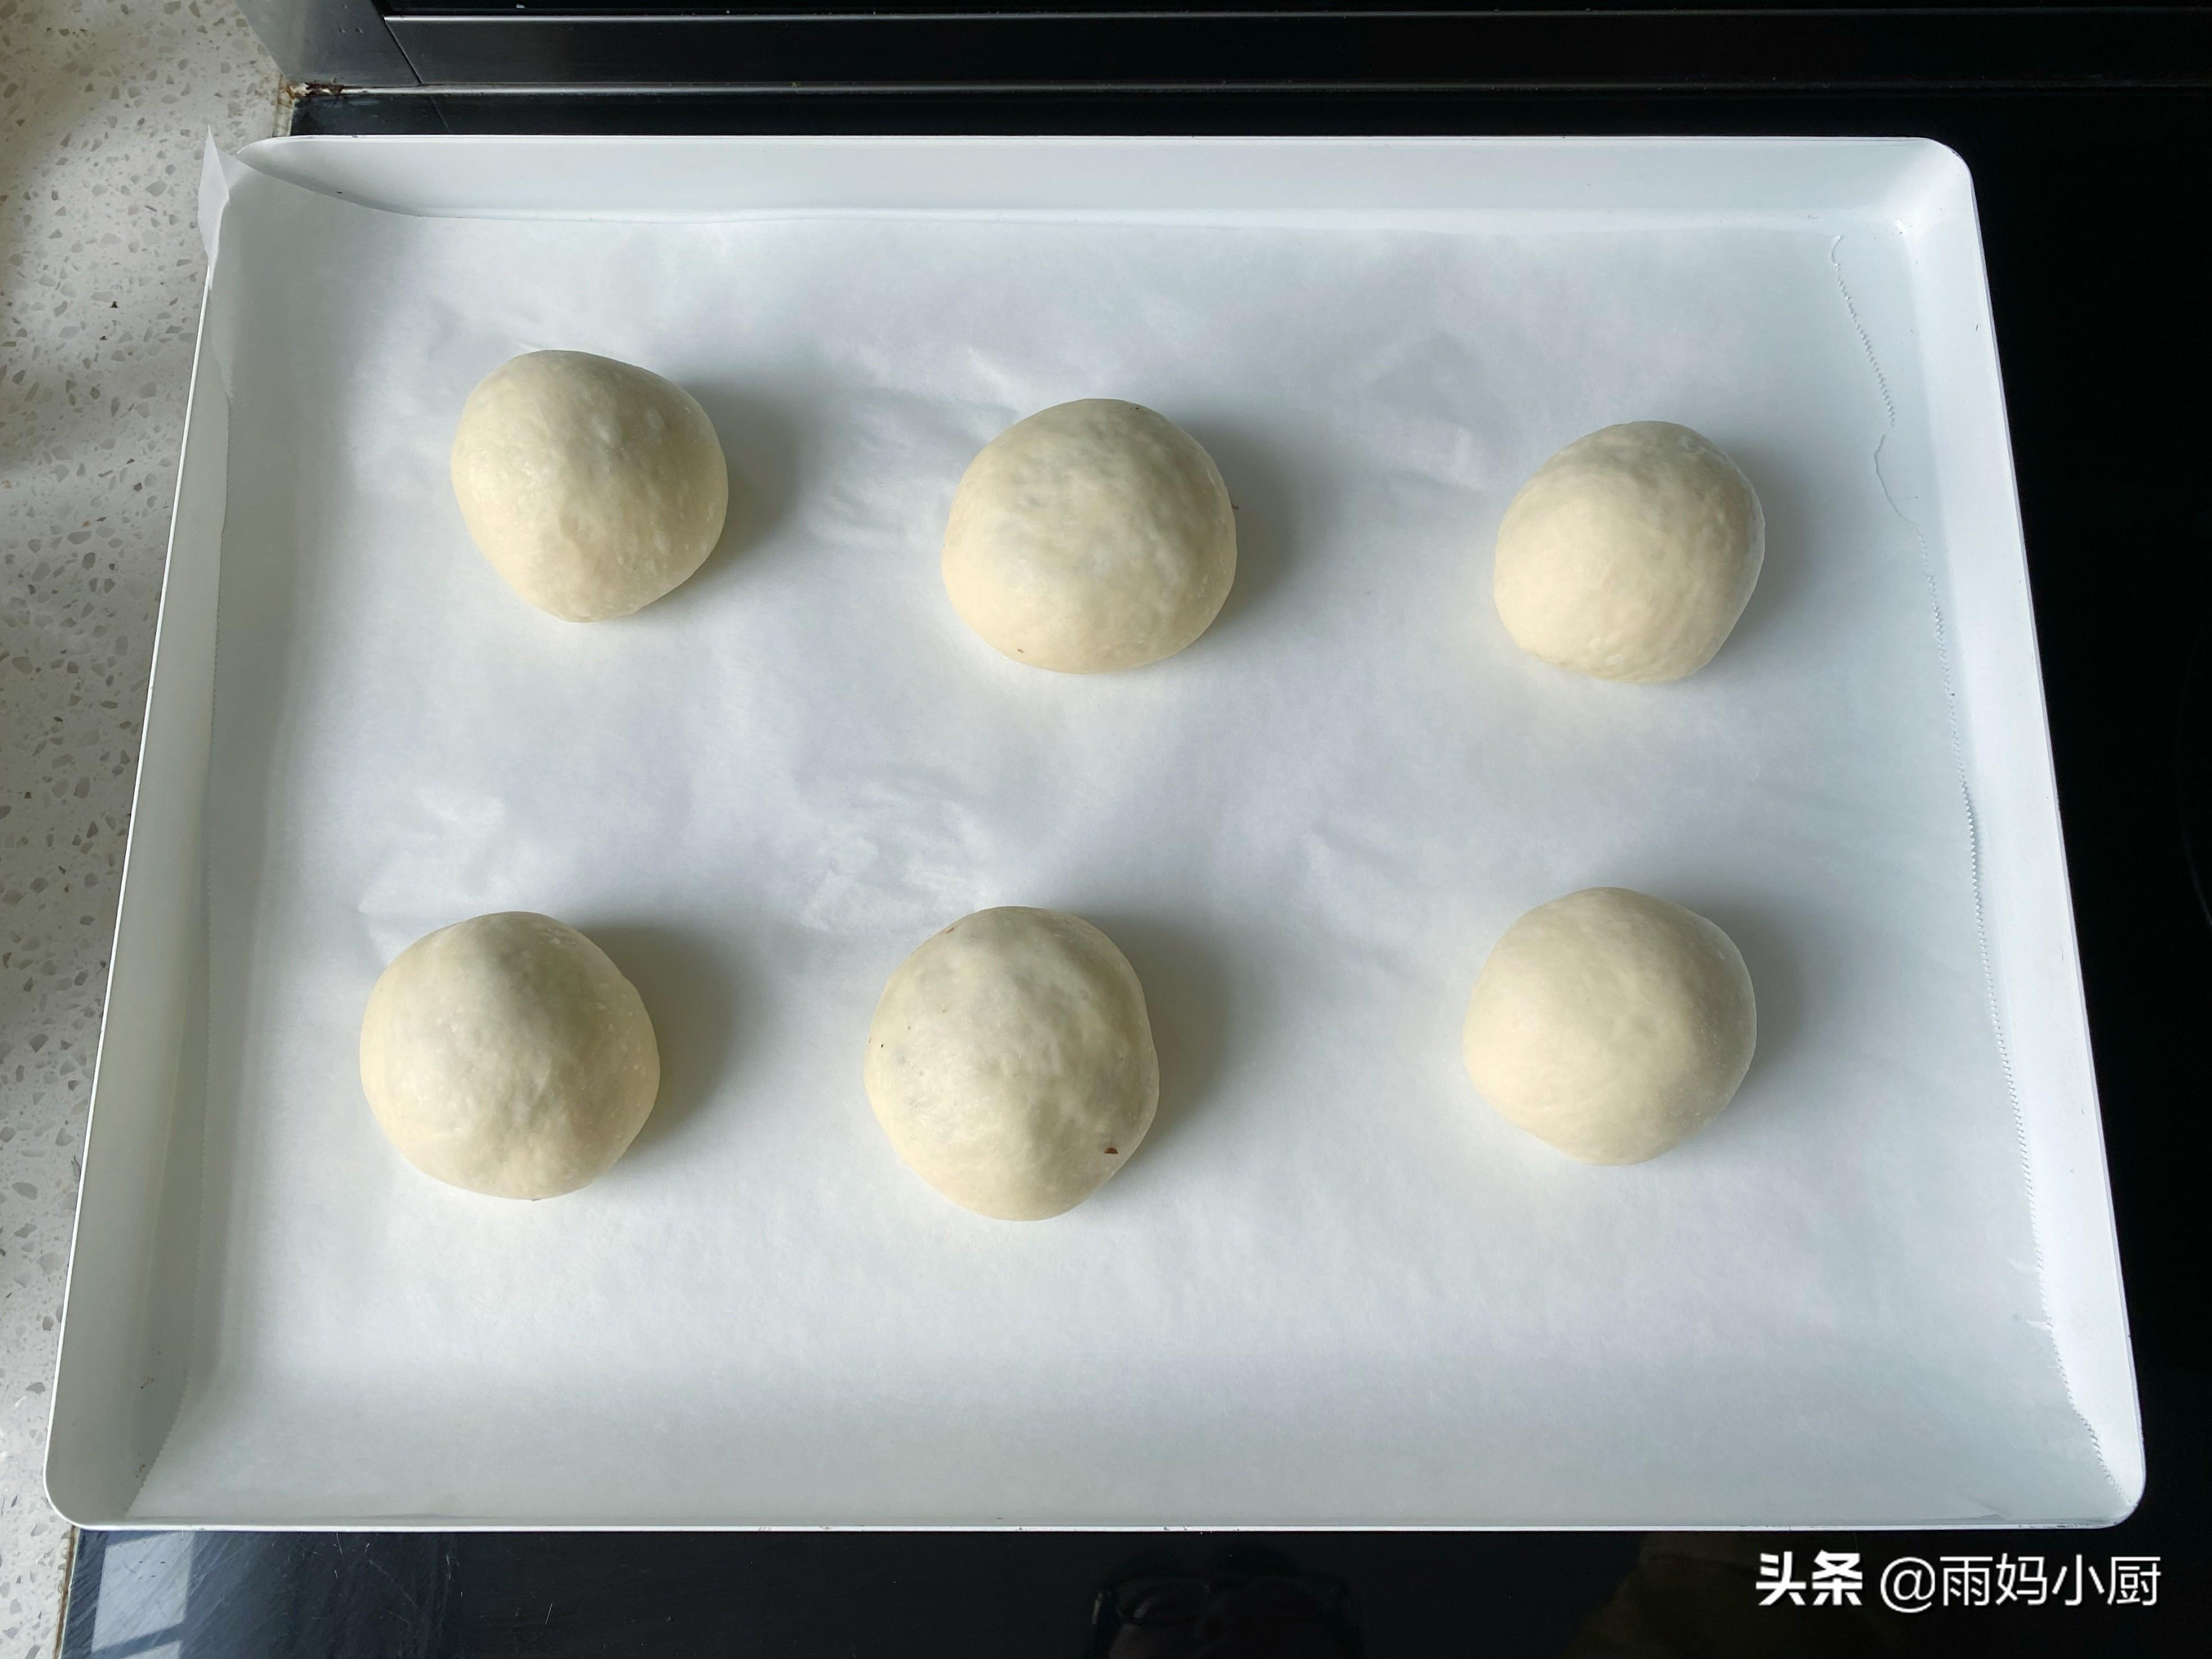 鬆軟的紅豆餅怎麼做? 詳細做法告訴你,附送自製紅豆沙的做法